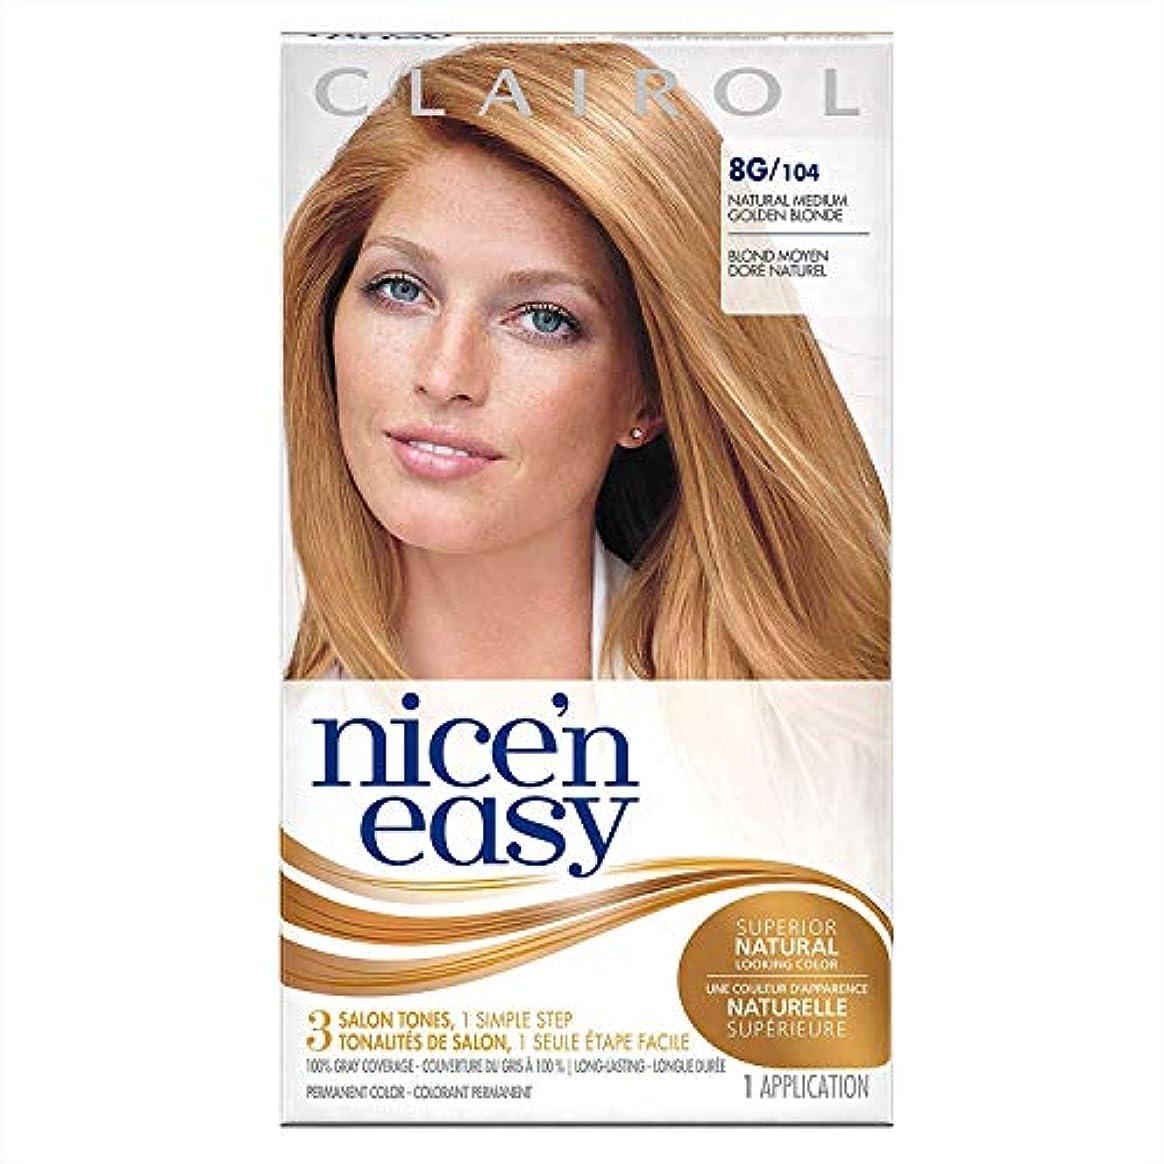 処理するマーク編集する海外直送品Clairol Nice N Easy Nice 'n Easy Hair Color 104 Natural Medium Golden Blonde, Medium Golden Blonde 1 each (Pack of 2)